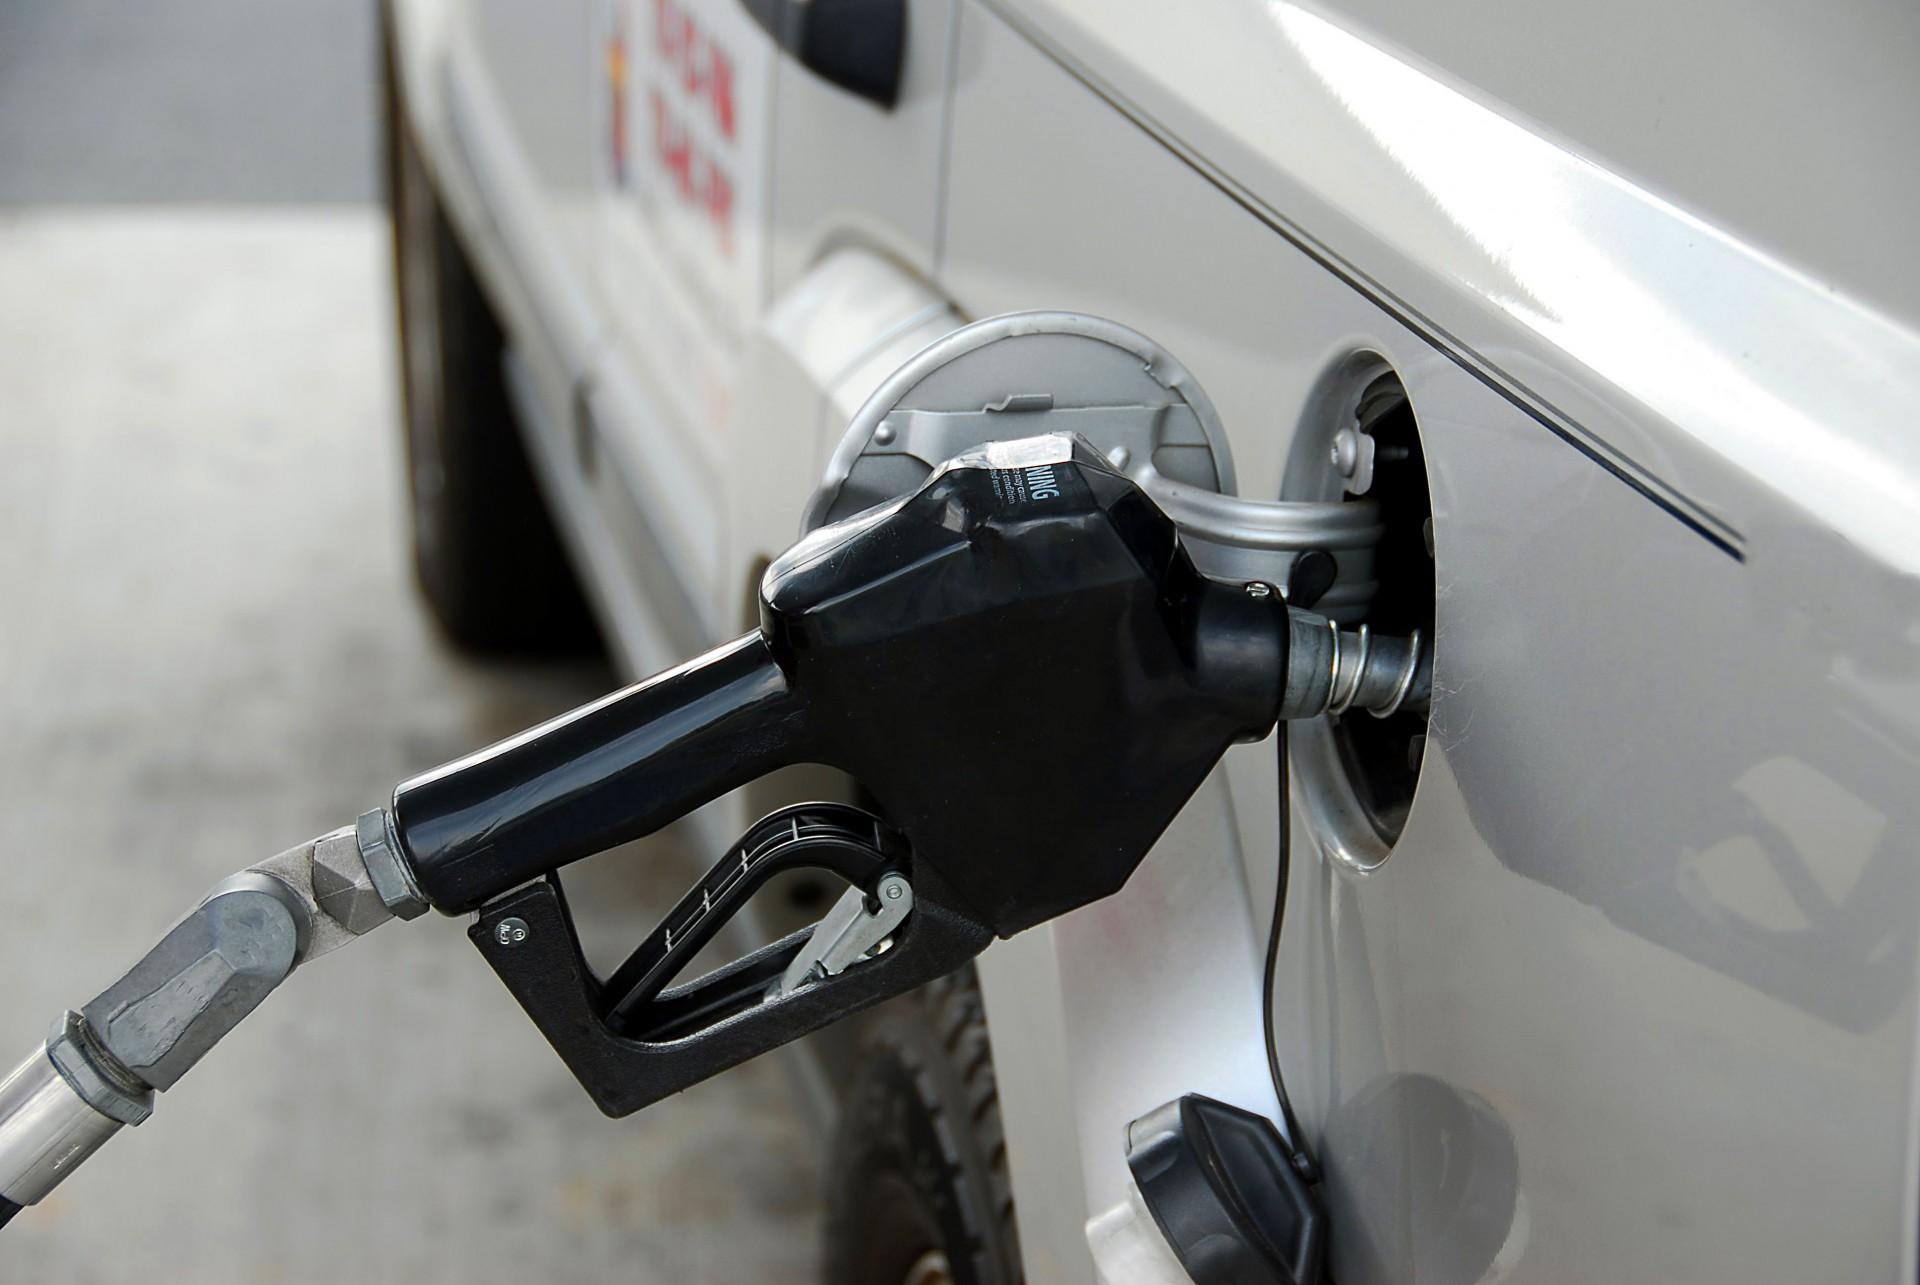 【交通】無望隨油的燃料費7月開徵,早點繳還可抽獎